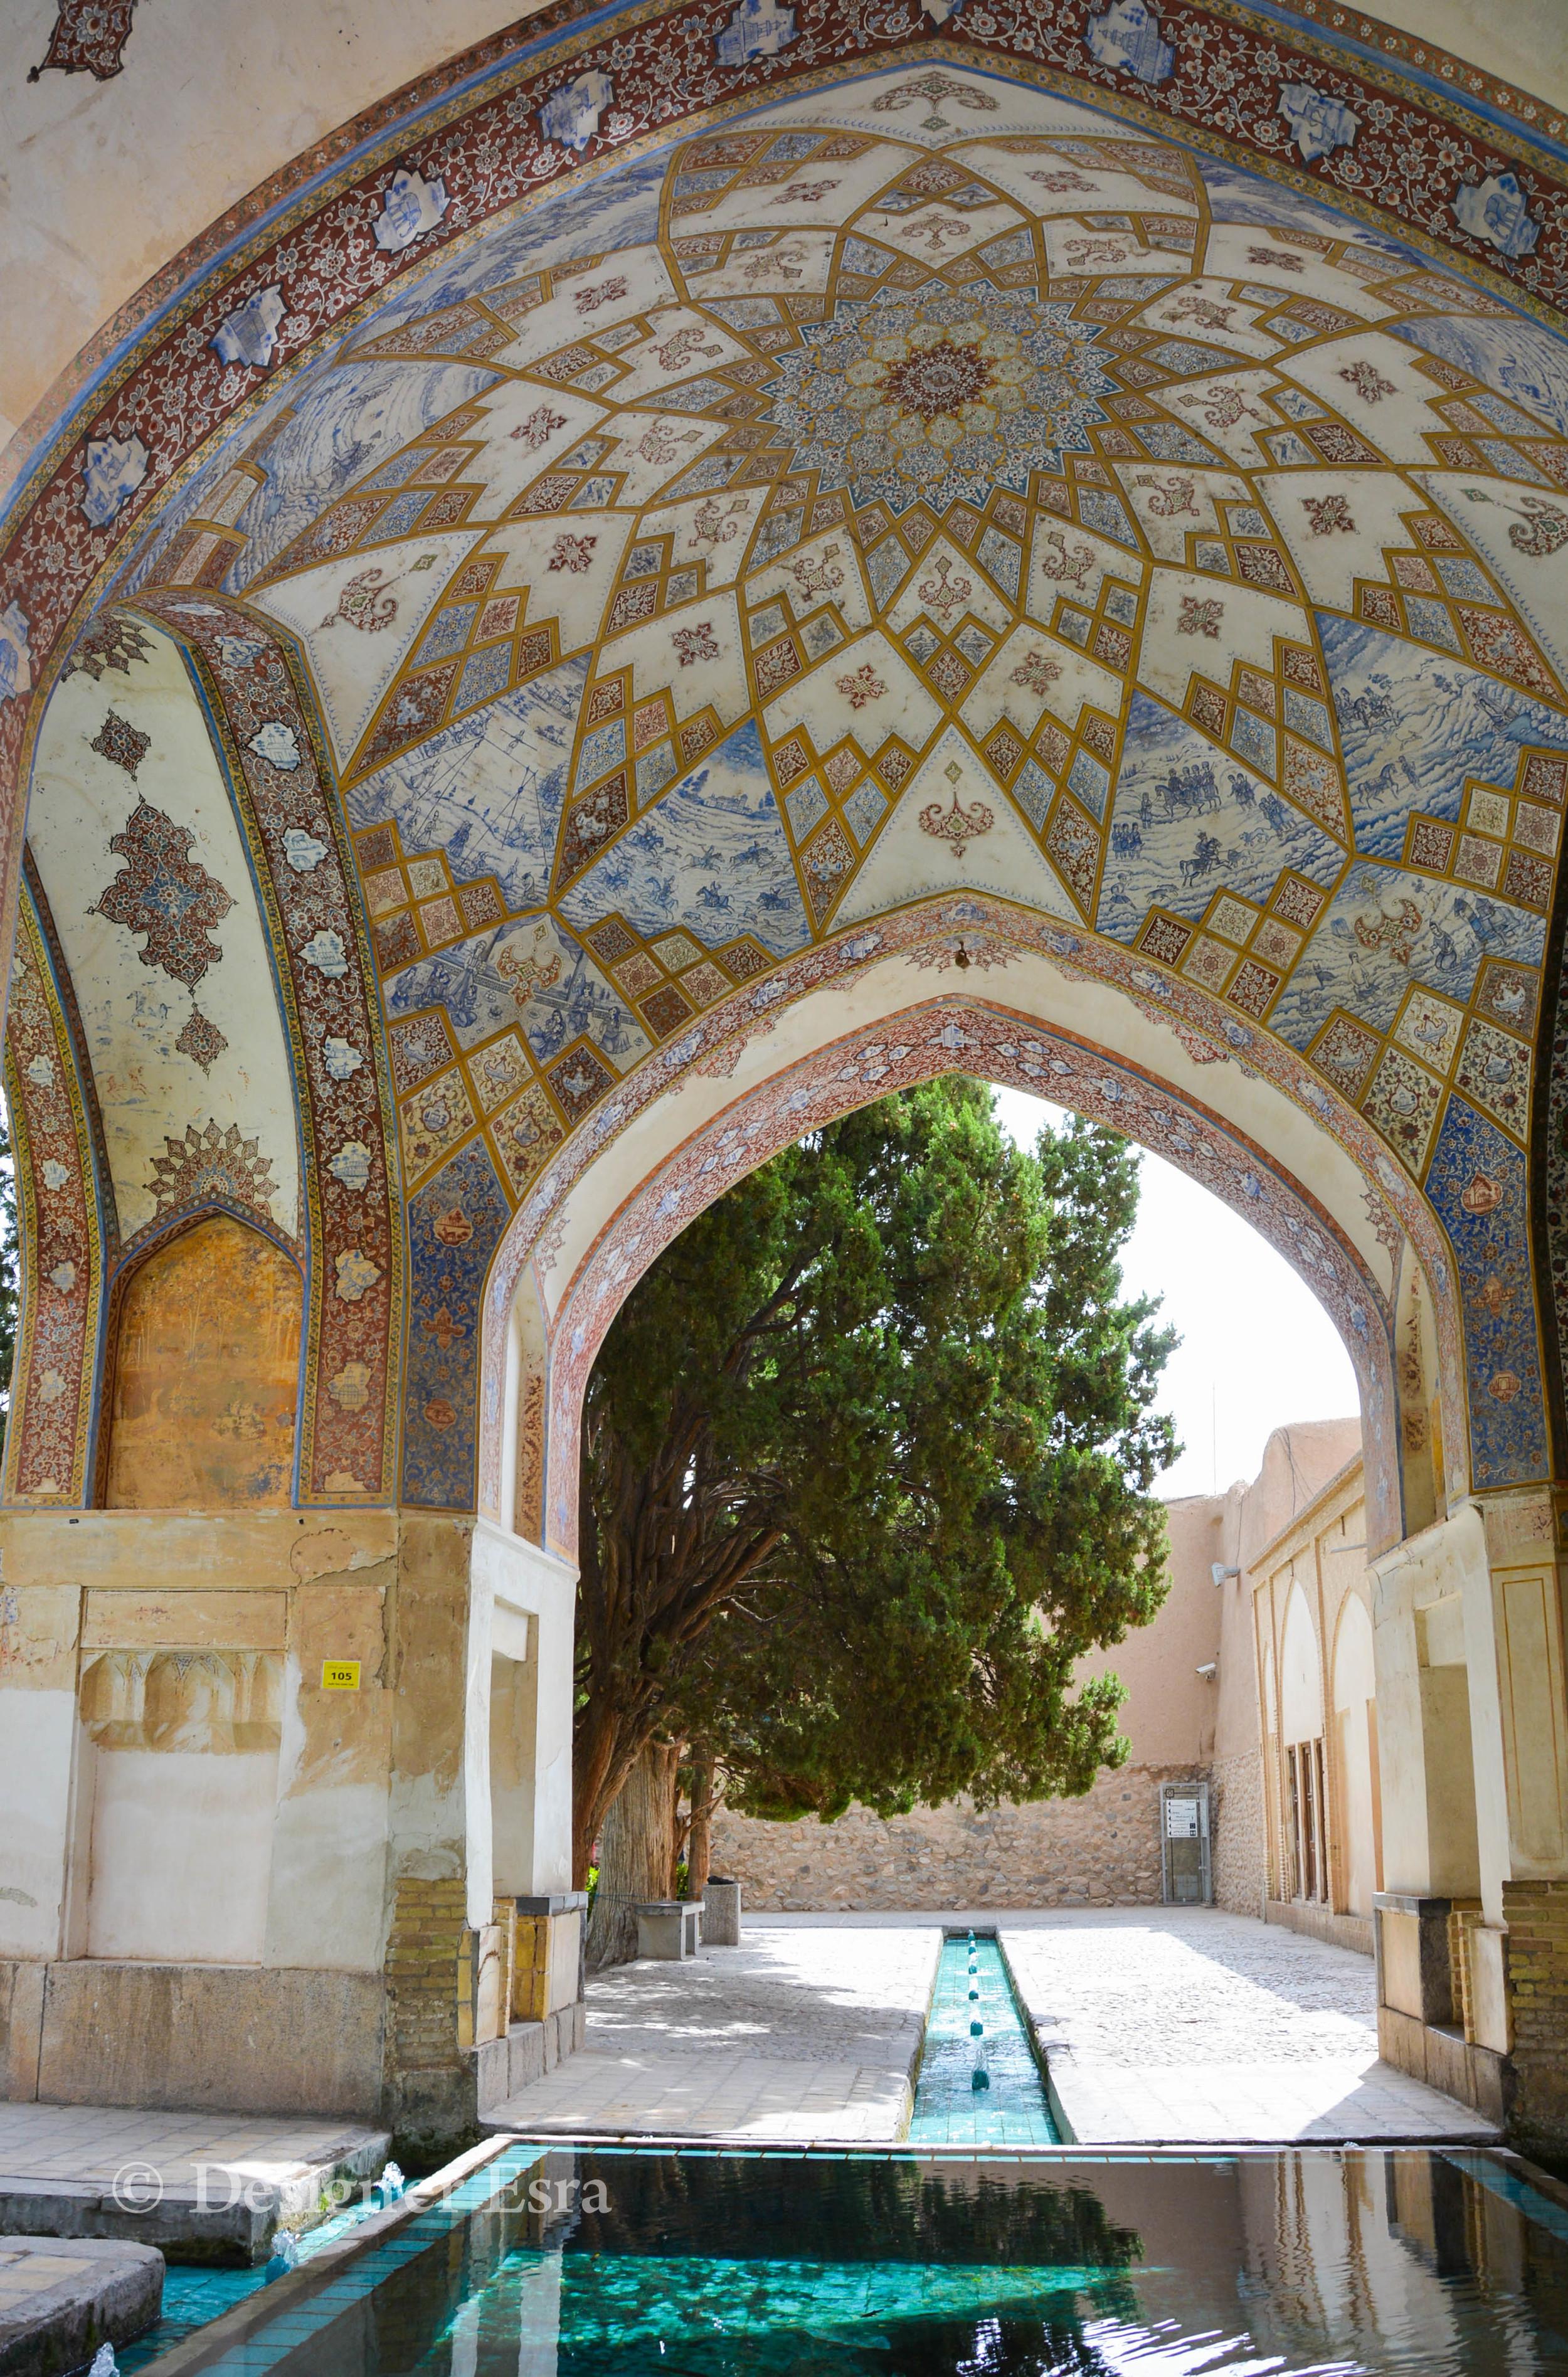 Islamic Geometry in the Fin Garden in Iran